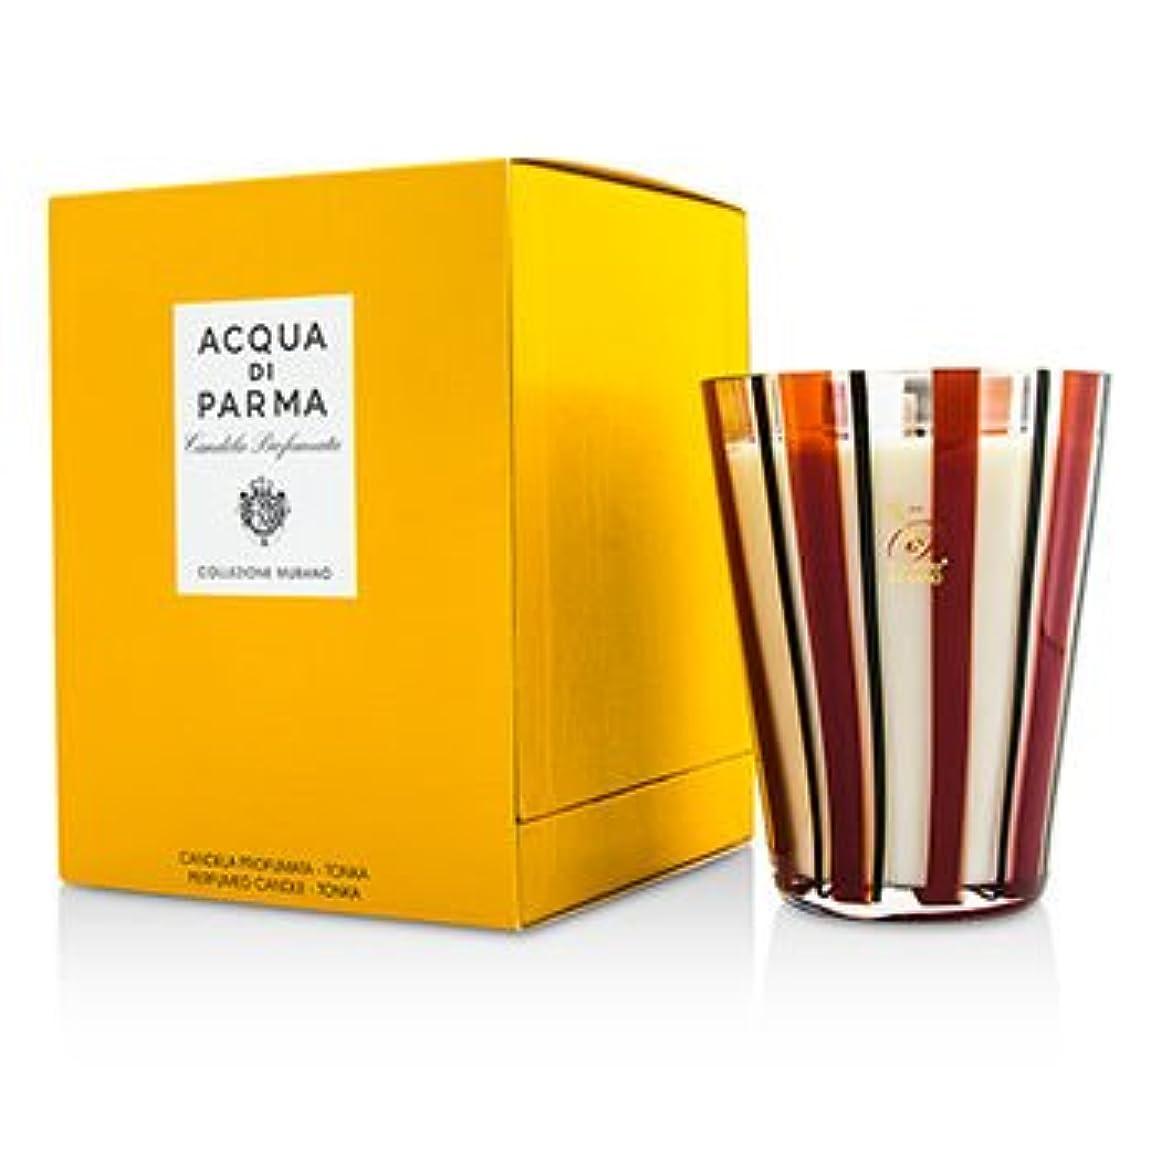 チャップ適合する世論調査[Acqua Di Parma] Murano Glass Perfumed Candle - Tonka 200g/7.05oz